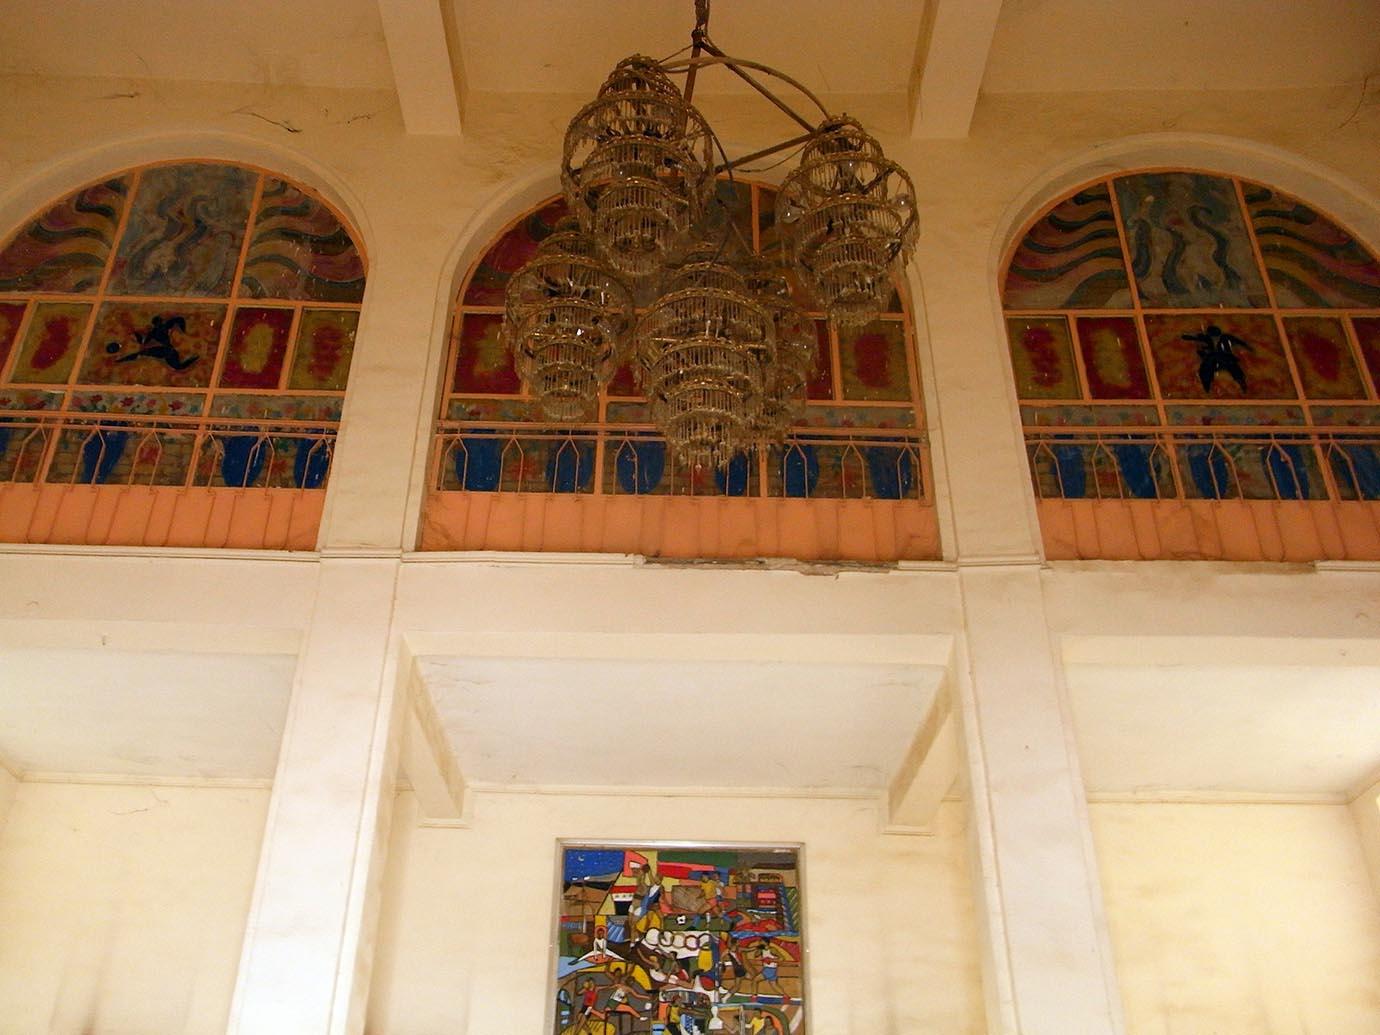 الشكل 4 : الفضاءات الداخلية والنسب والأعمدة تحقق نصبية فن الآرت ديكو، وفي الوسط لوحة فائق حسن تعود للعام 1972.<br /> صورة سيسيليا بيري، 2011، جميع الحقوق محفوظة